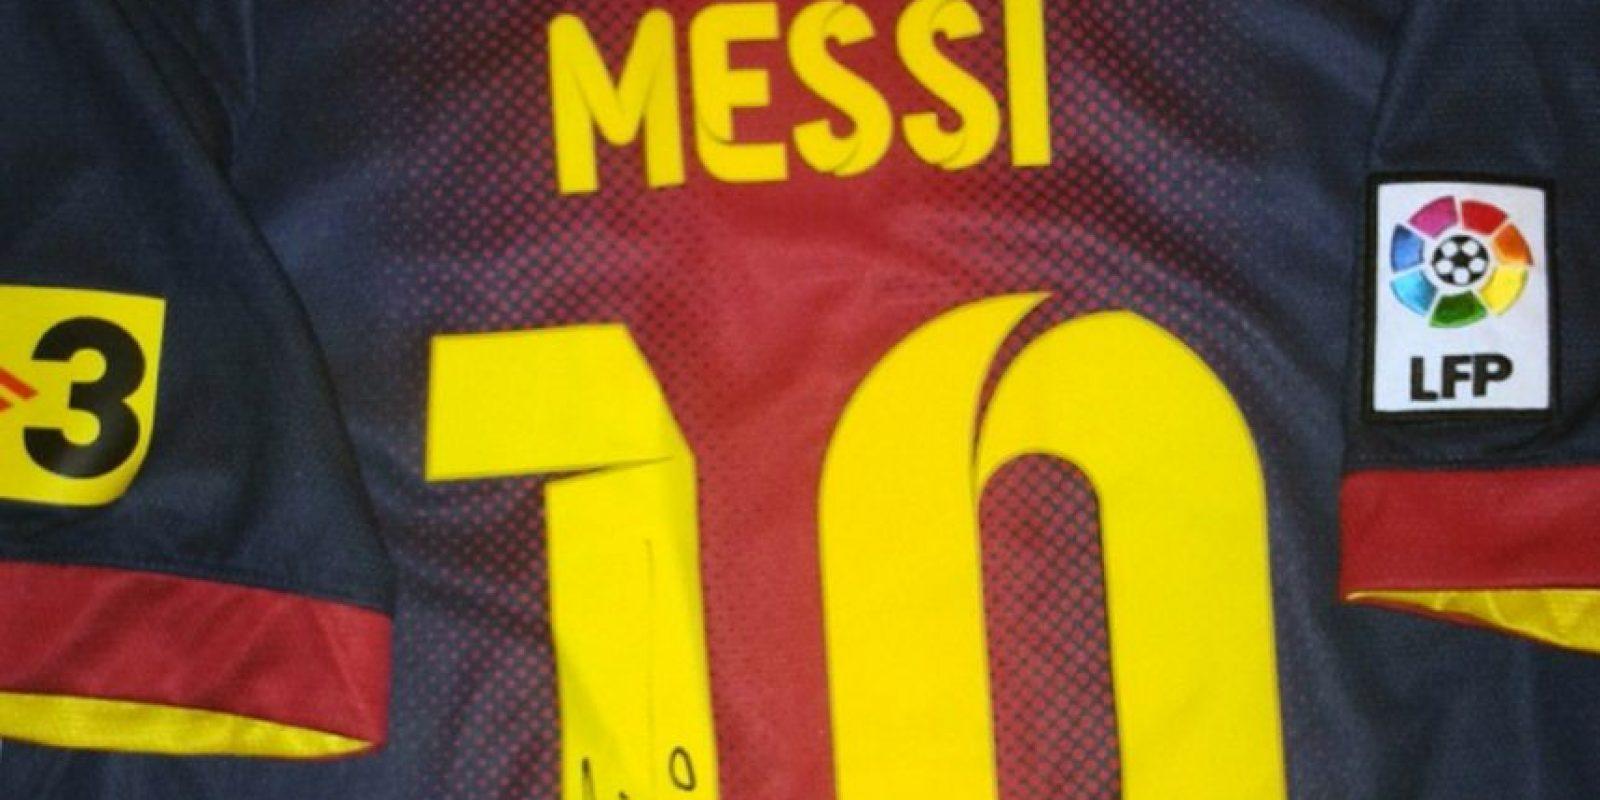 Camiseta de Messi autografiada. Foto:unitedcharity.de